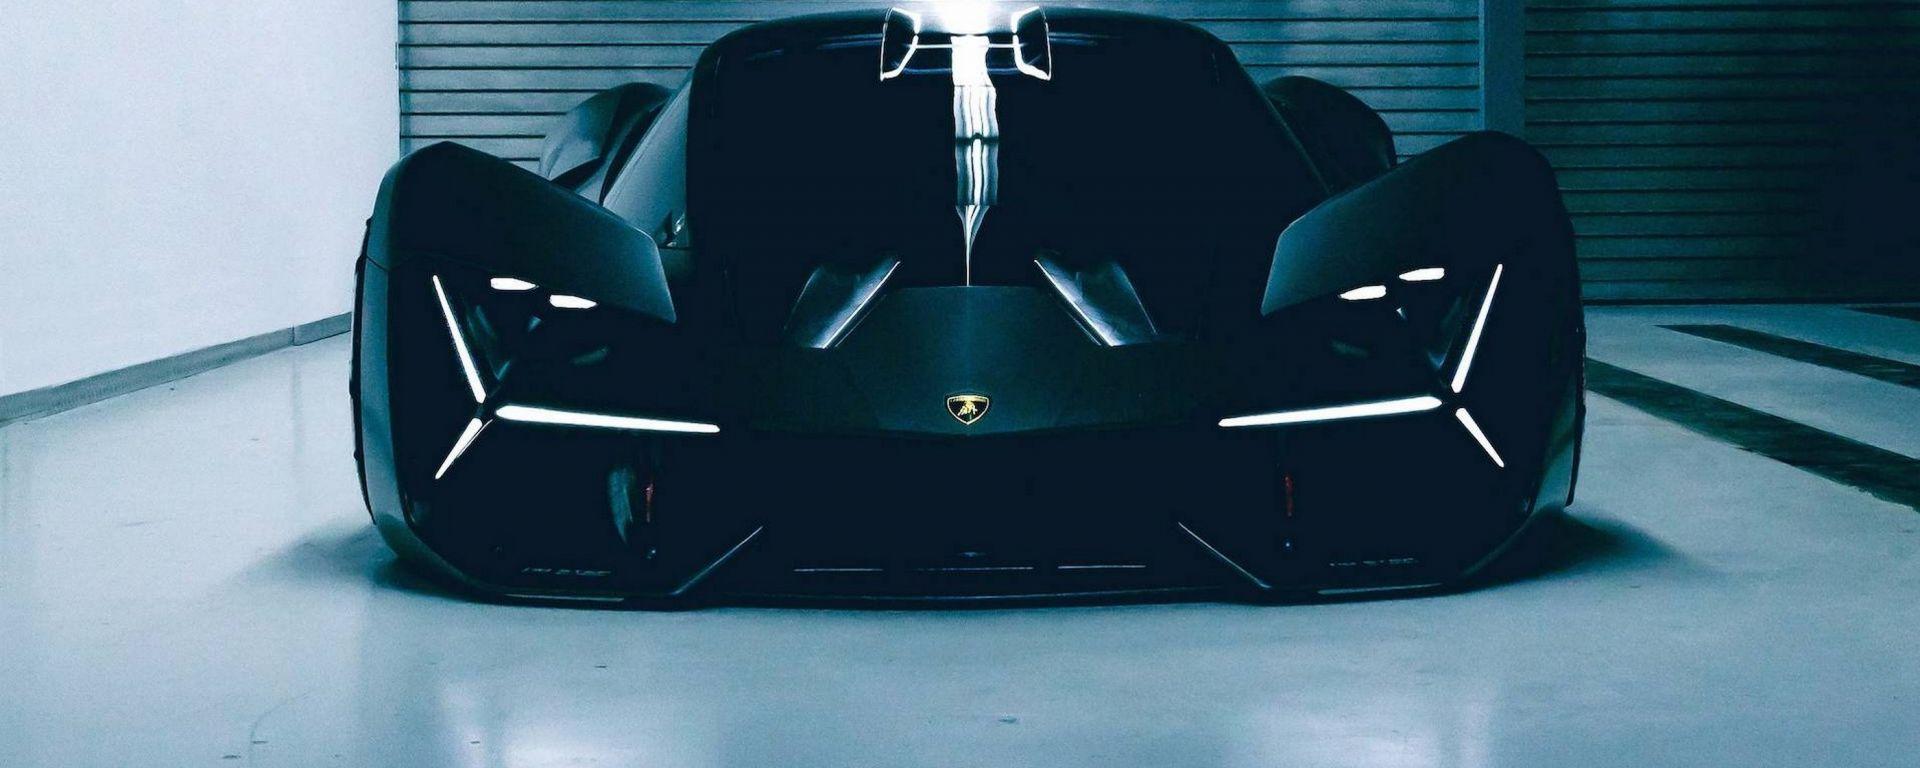 Lamborghini LB48H si ispirerebbe alla concept Terzo Millennio, qui in vista frontale